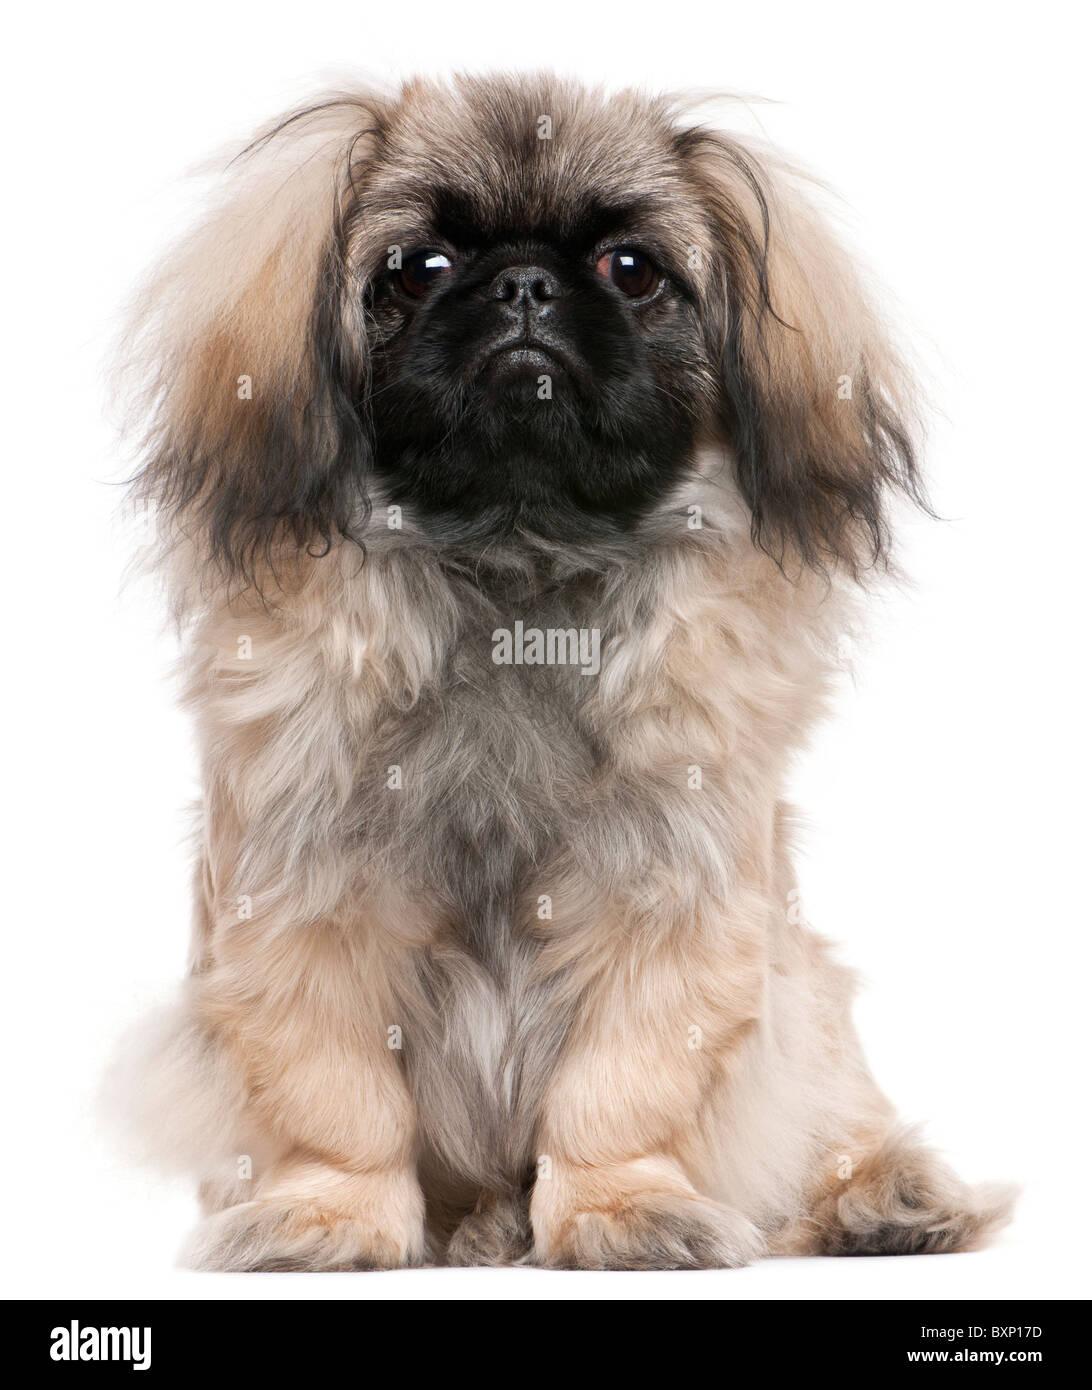 Pekingese Puppy Stock Photos & Pekingese Puppy Stock Images